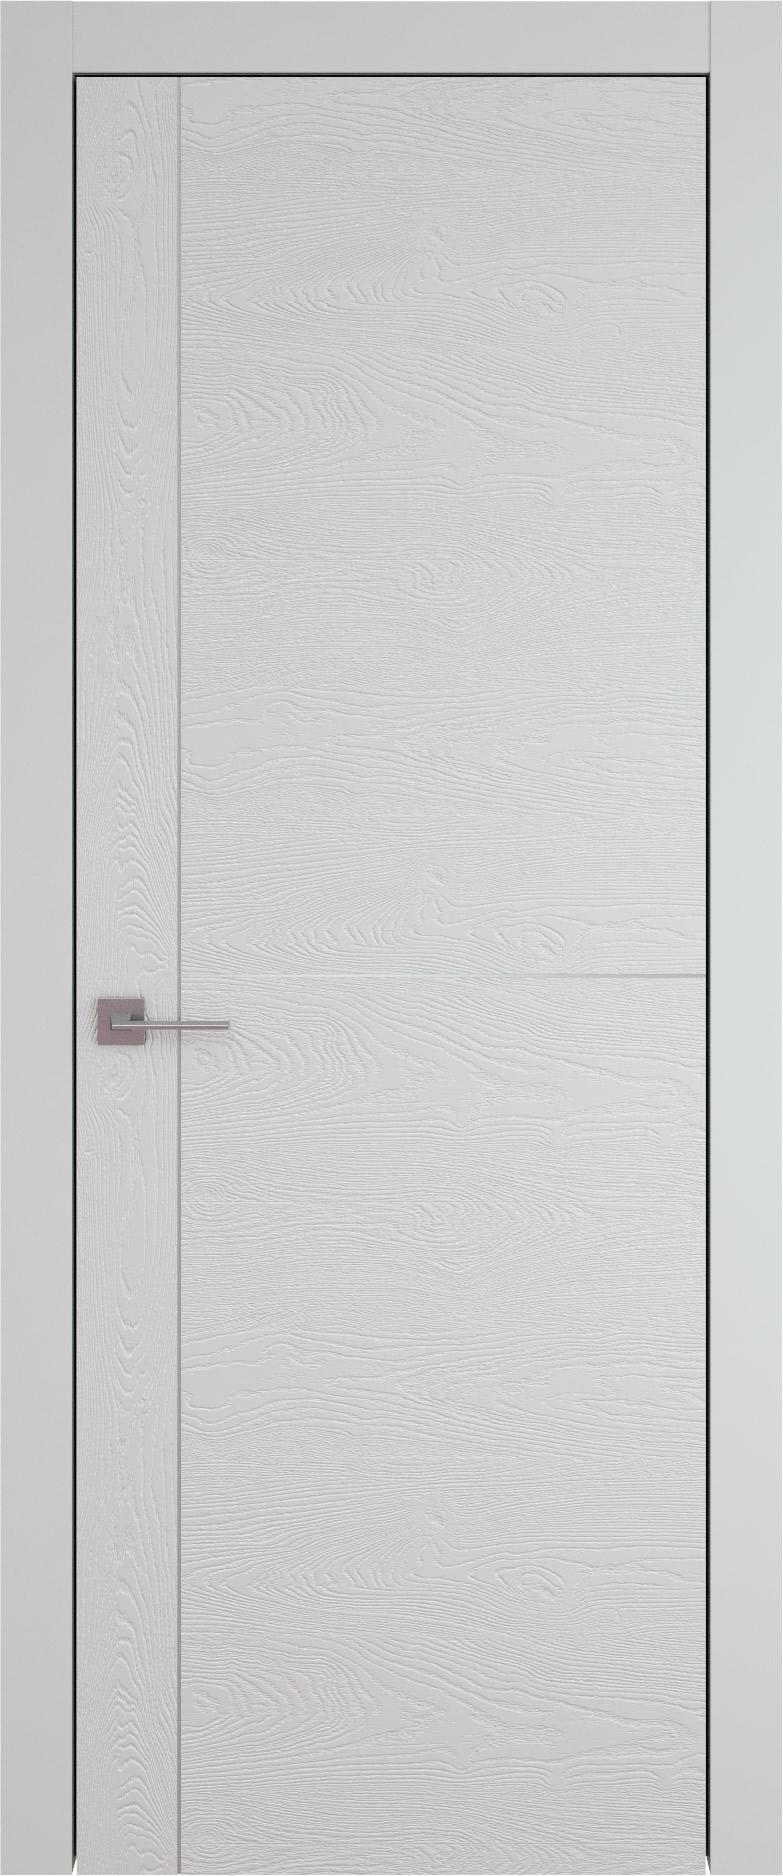 Tivoli Е-3 цвет - Серая эмаль по шпону (RAL 7047) Без стекла (ДГ)